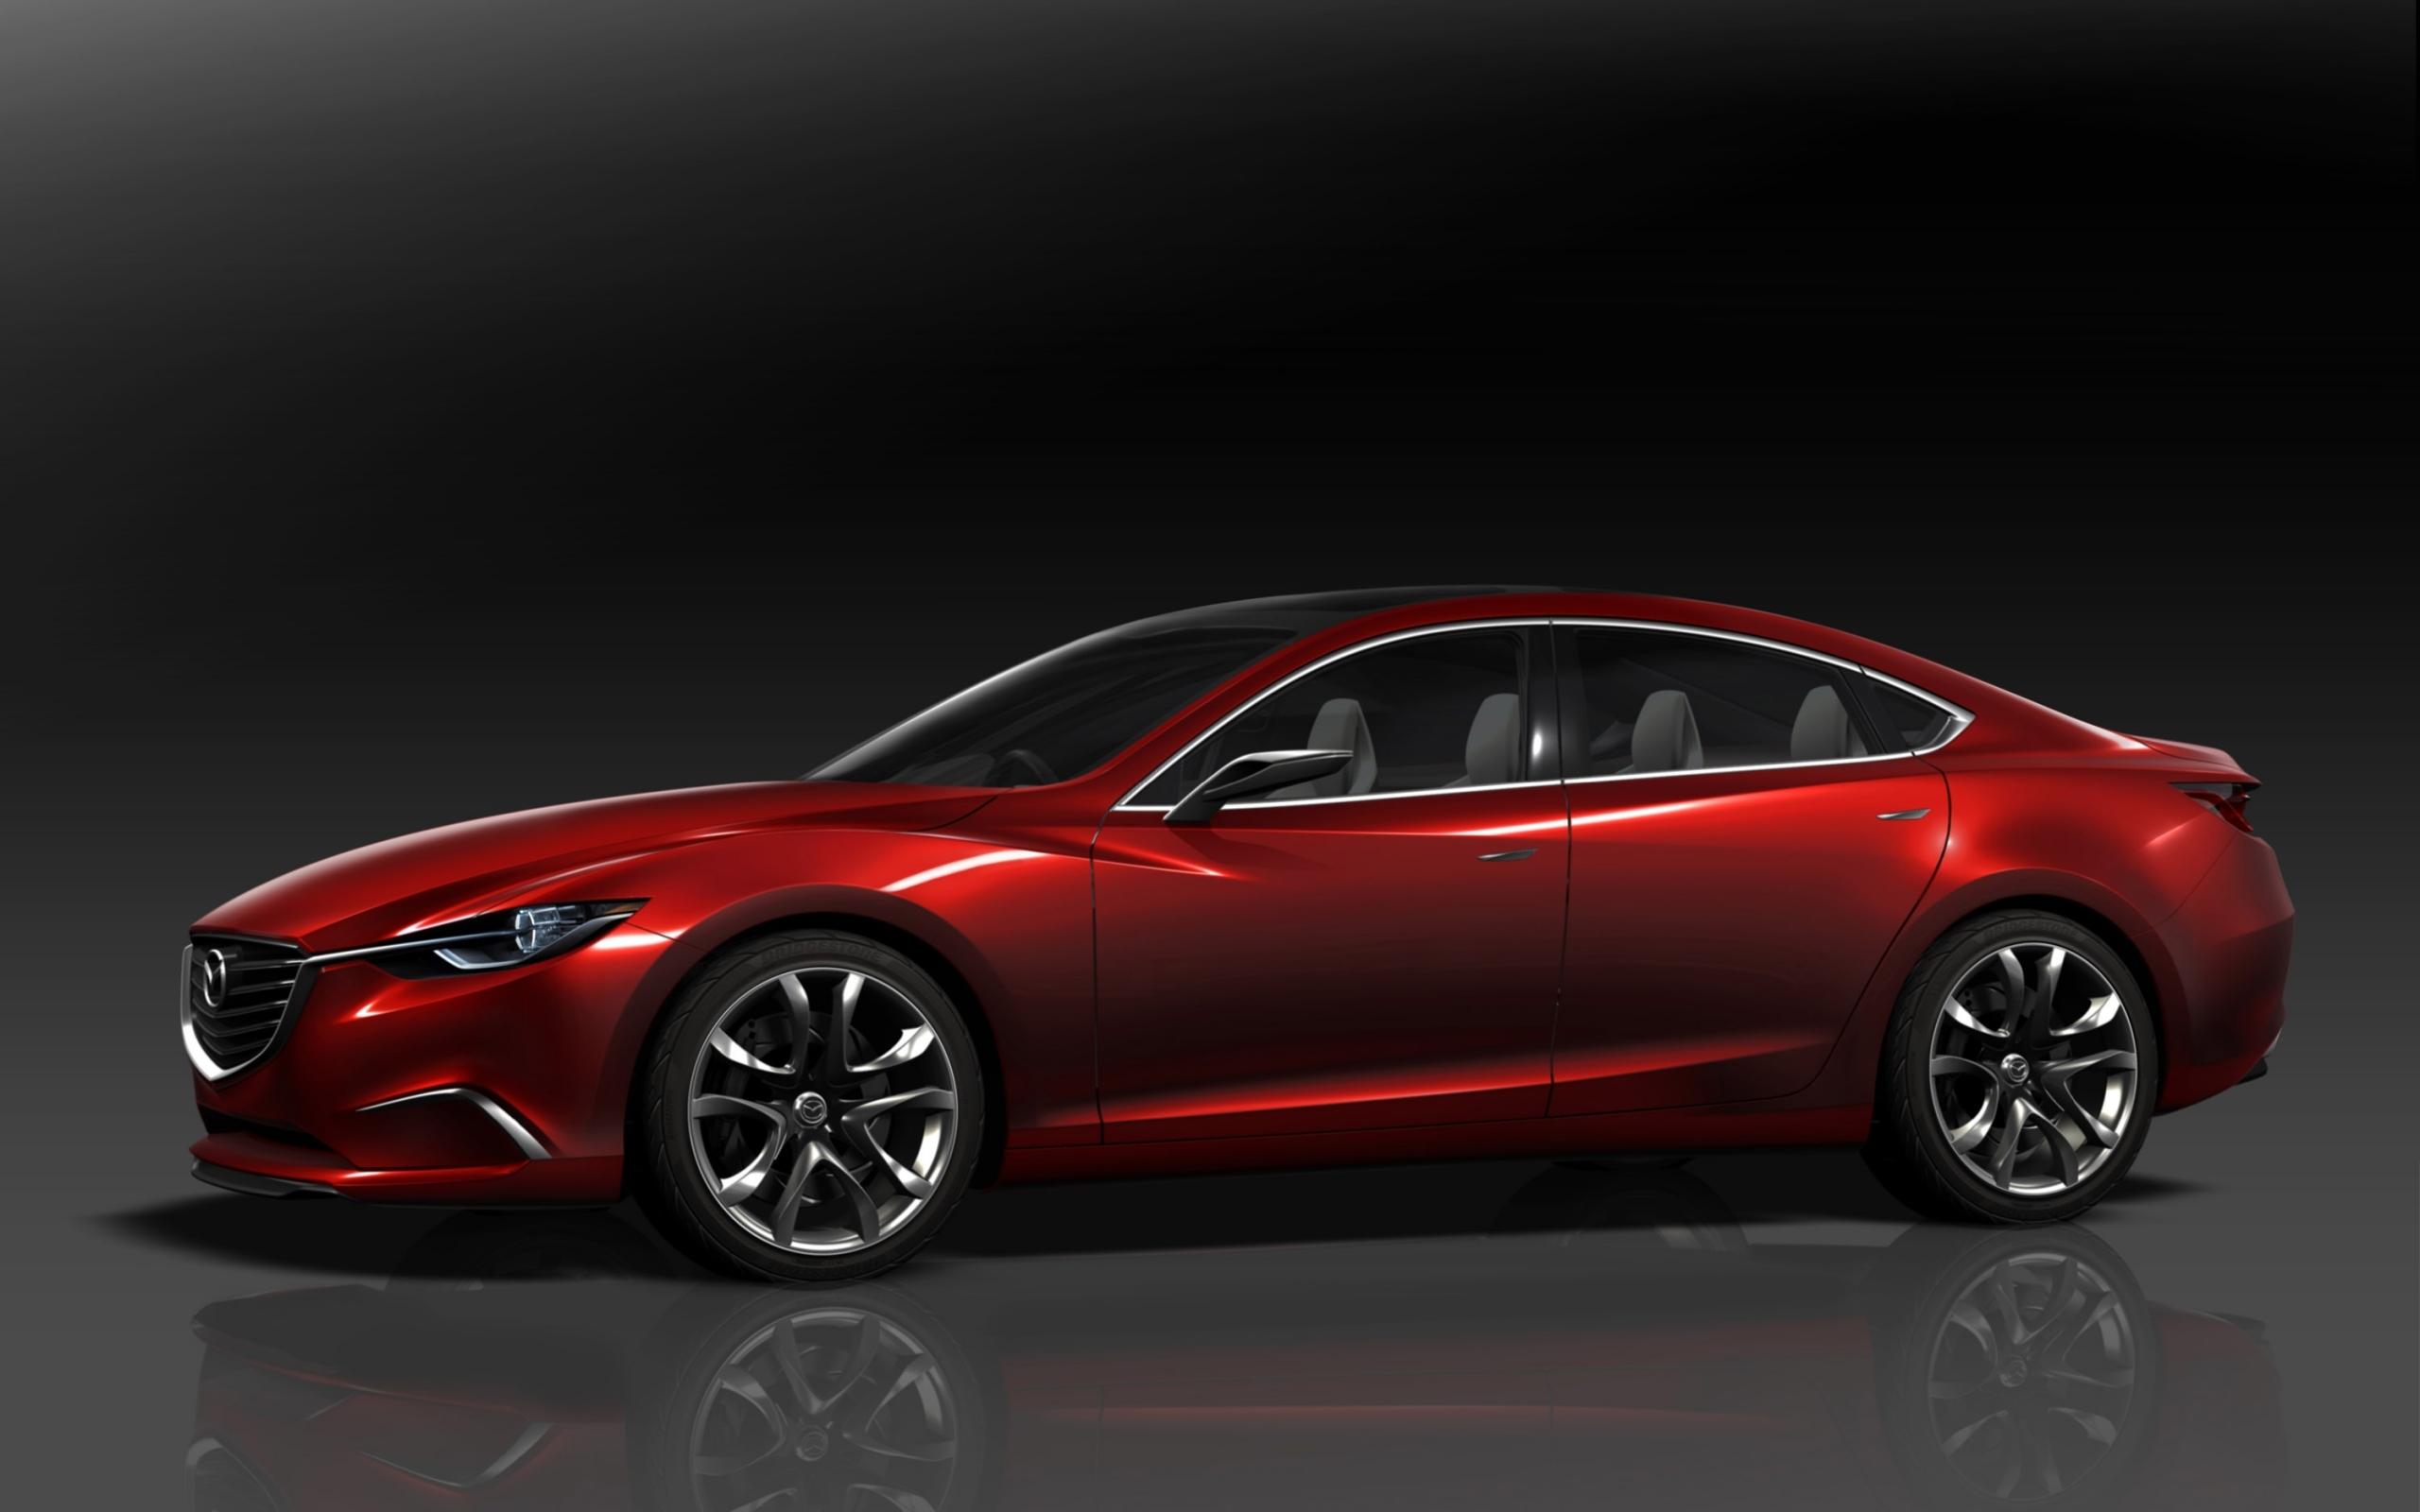 47536 скачать обои Транспорт, Машины, Мазда (Mazda) - заставки и картинки бесплатно